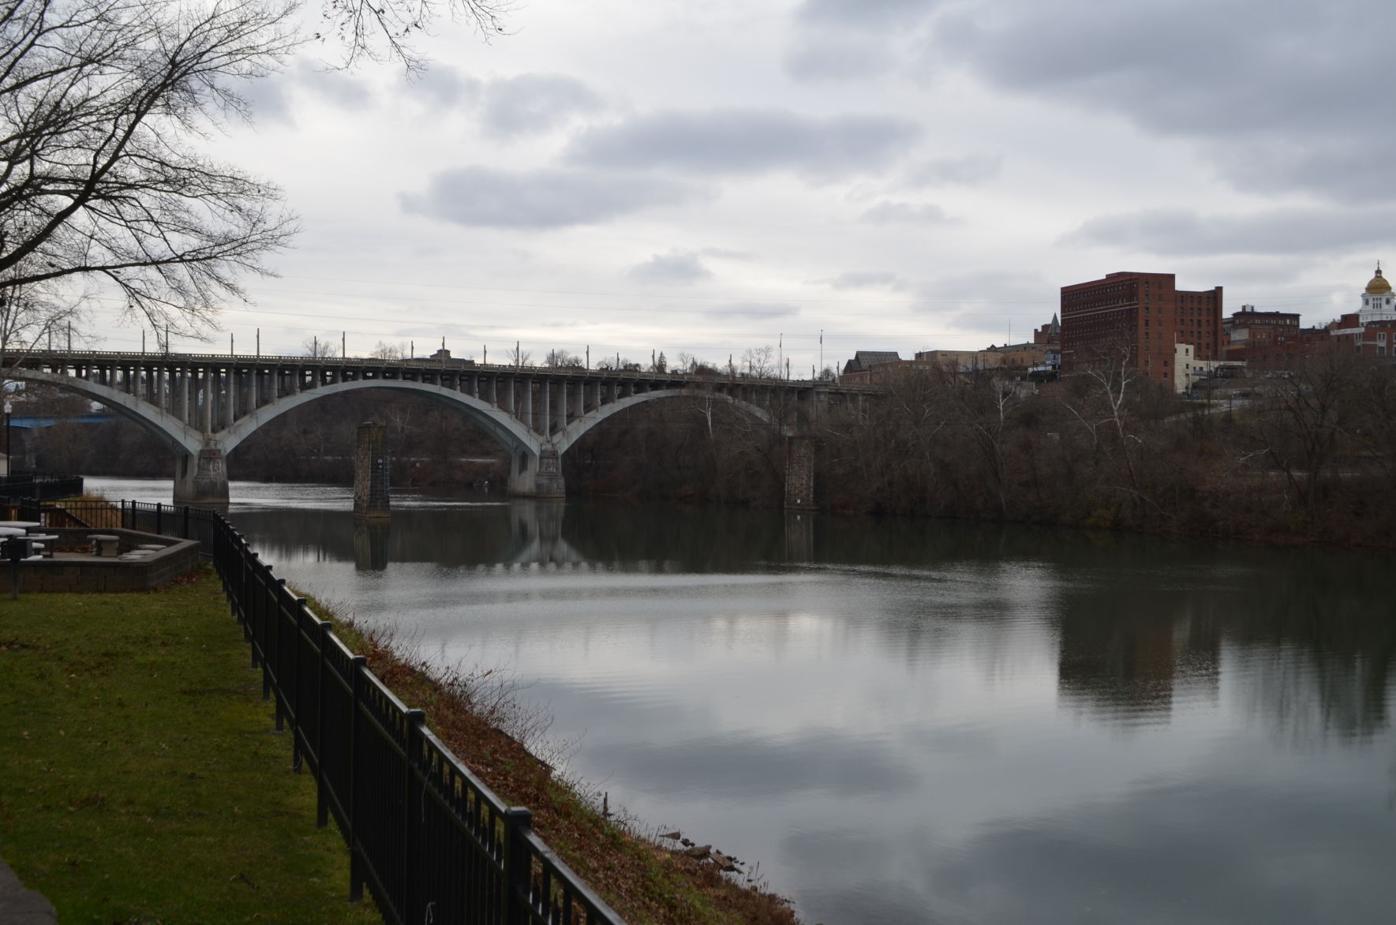 Mon River at Palatine Park